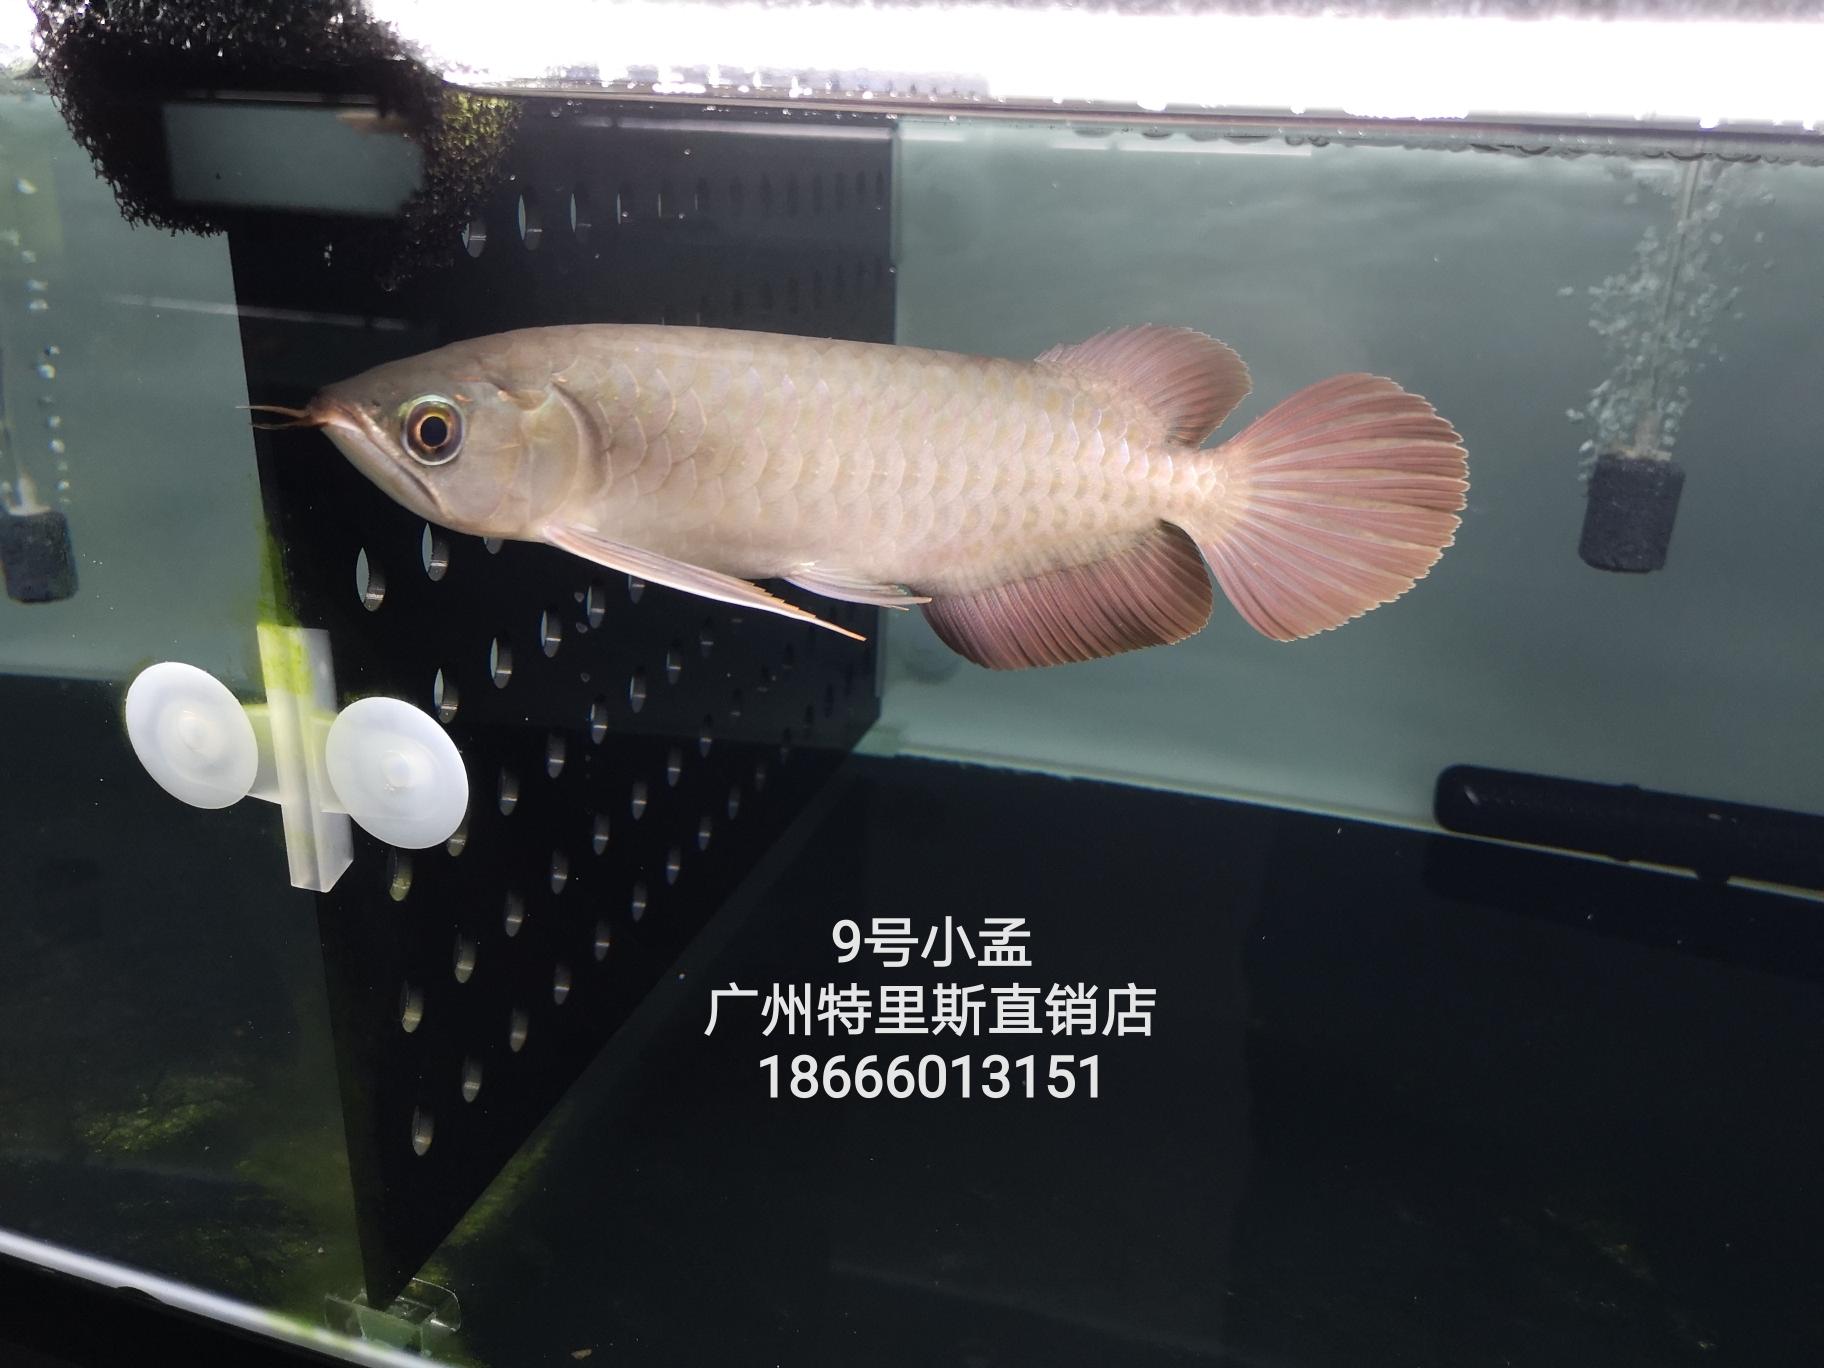 客厅鱼缸颜色9号小孟25公分 渭南水族批发市场 渭南龙鱼第1张